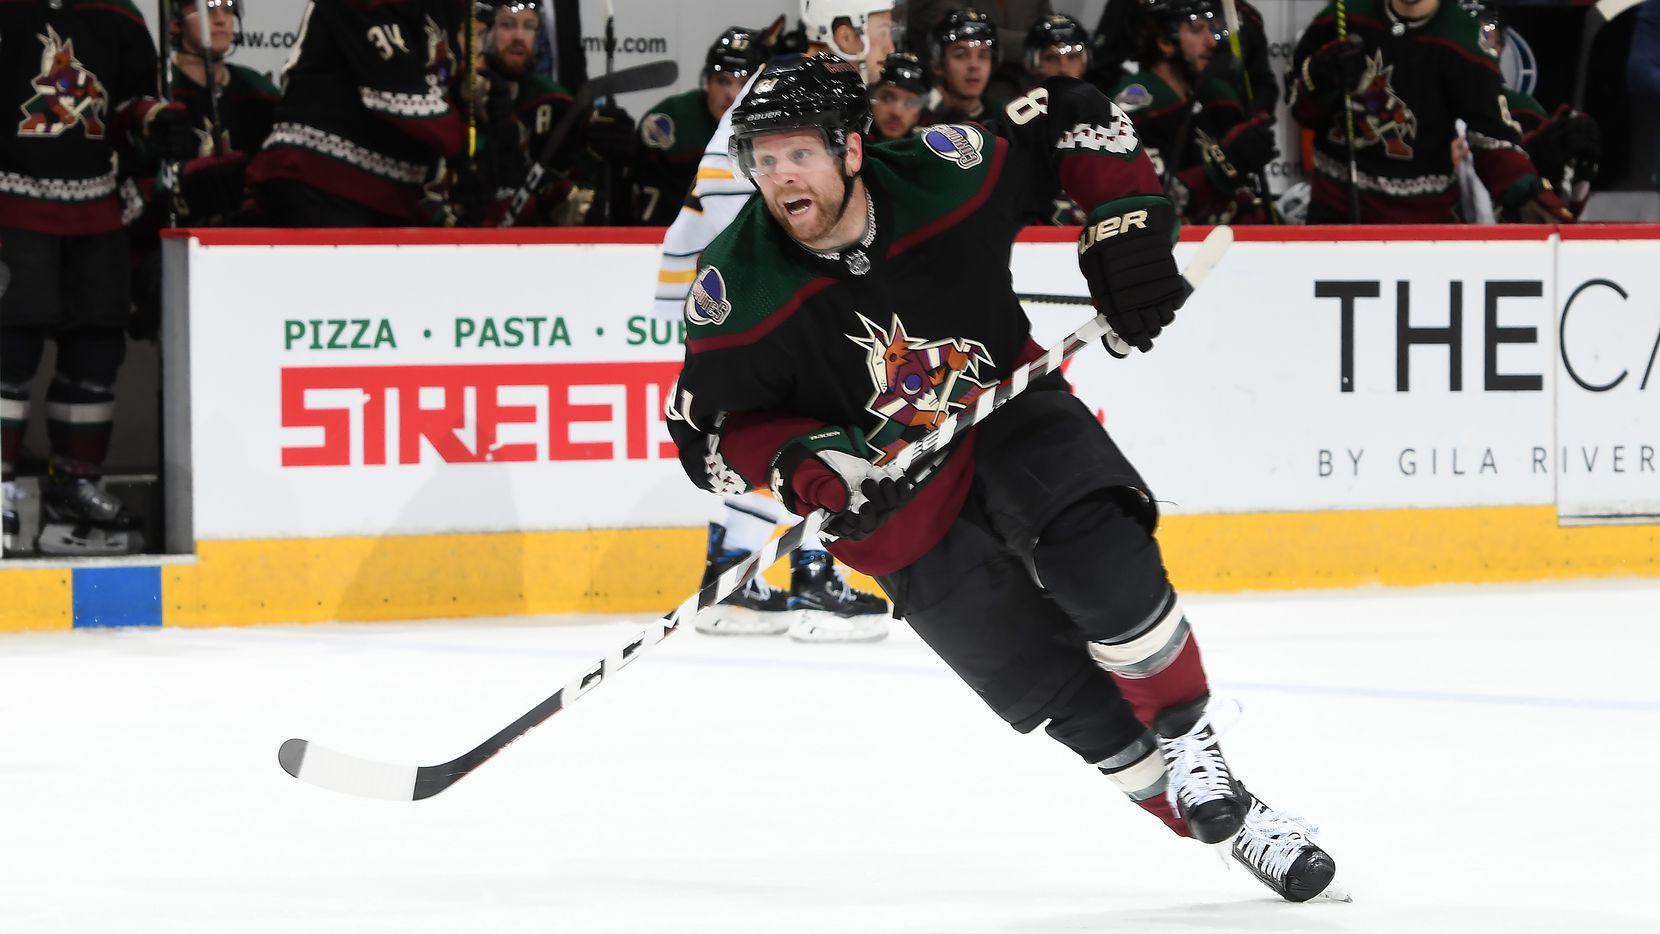 El jugador de los Coyotes de Arizona, Phil Kessel, patina en el juego contra los Sabres de Buffalo, el 29 de febrero de 2020.